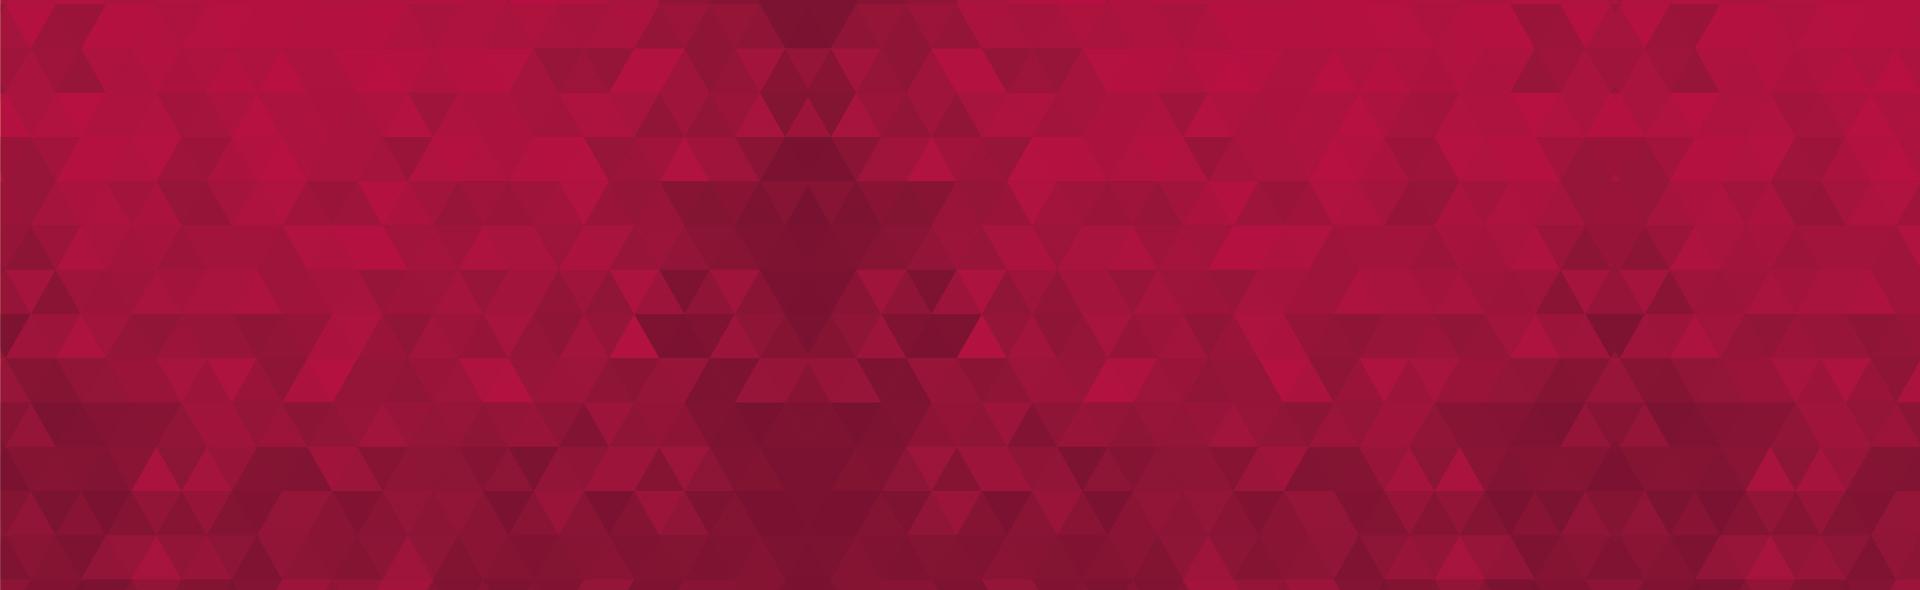 mpa-banner